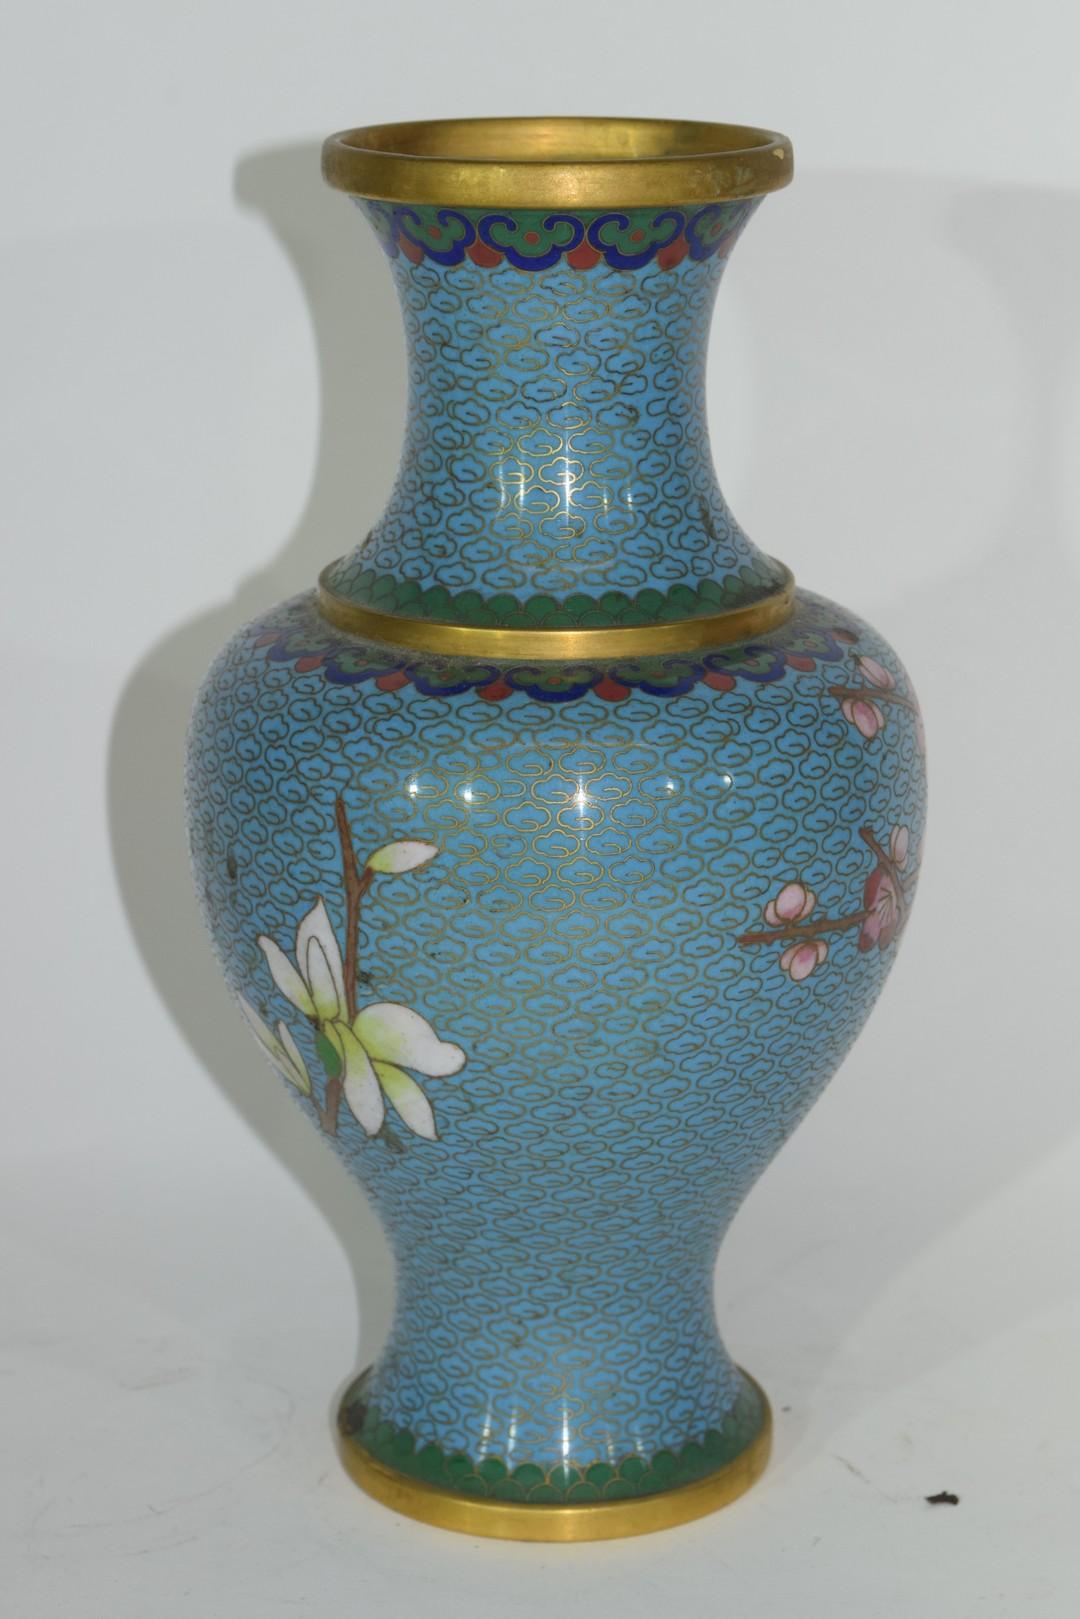 Cloisonne vase - Image 3 of 4